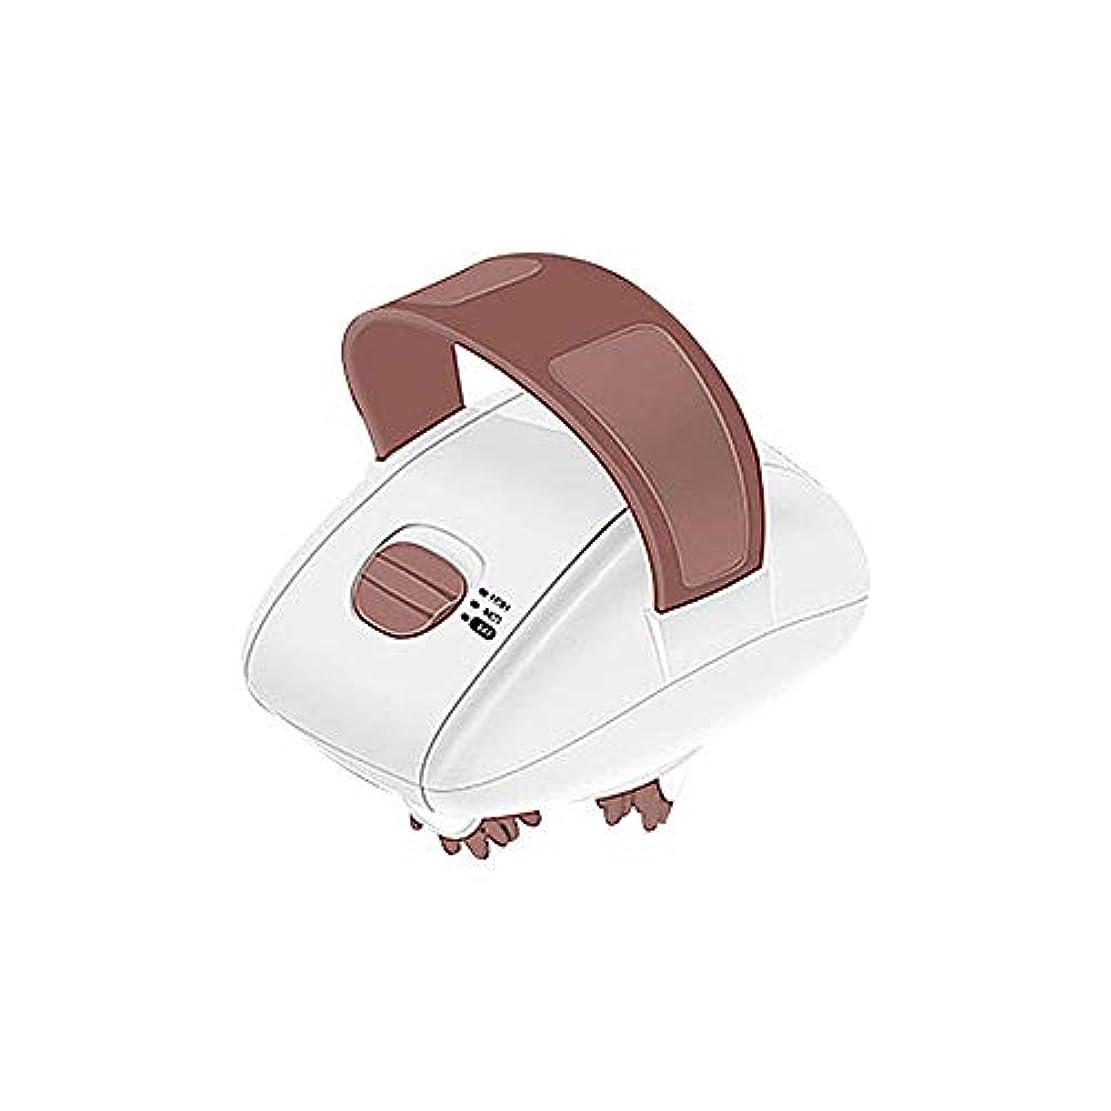 迷信振る舞う不調和3D ミニボディスリム 電動ギアミニマッサージャー 多機能 ボディ ハード マッサージローラー 美脚 腕痩せ 疲れ解消 全身にマッサージ ダイエット 電動ローラー ミニ脂肪マッサージ師 2色選べる